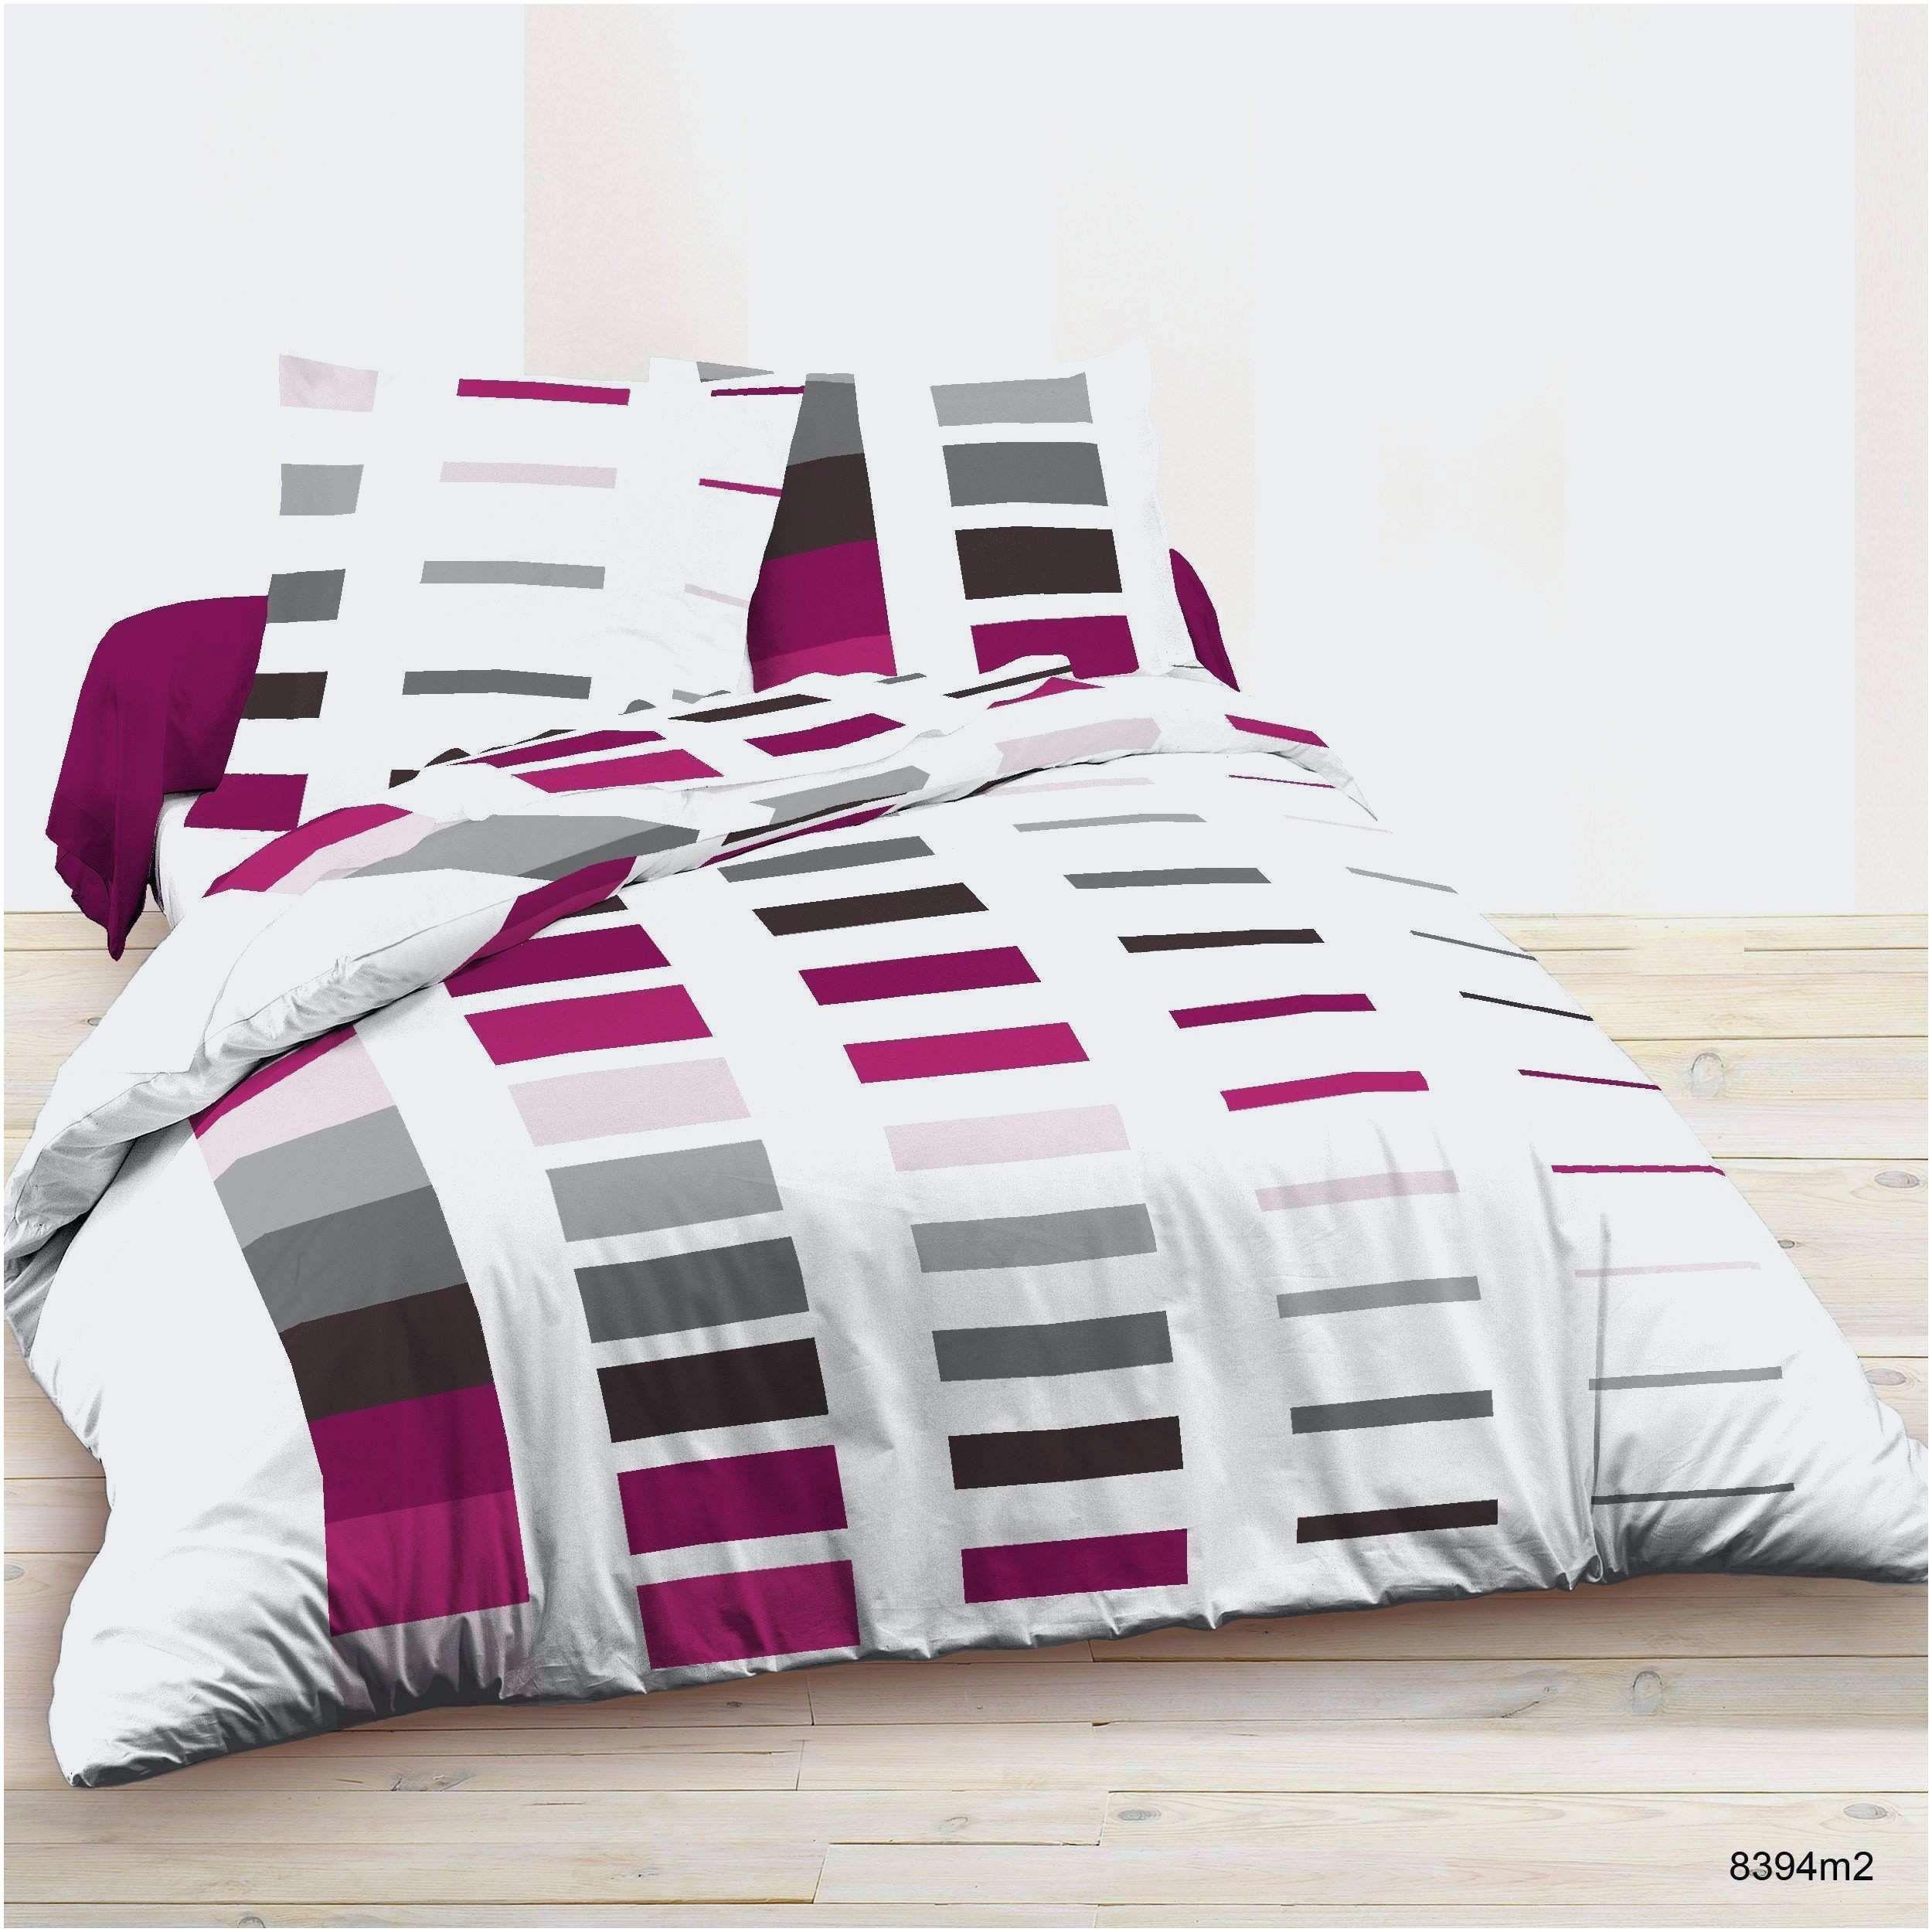 Housse De Couette 200x220 Housse De Couette 200x220 Amazon Housse Couette 200x220 Decoking Premium Parure De Lit Housse De Couette R Furniture Home Decor Bed